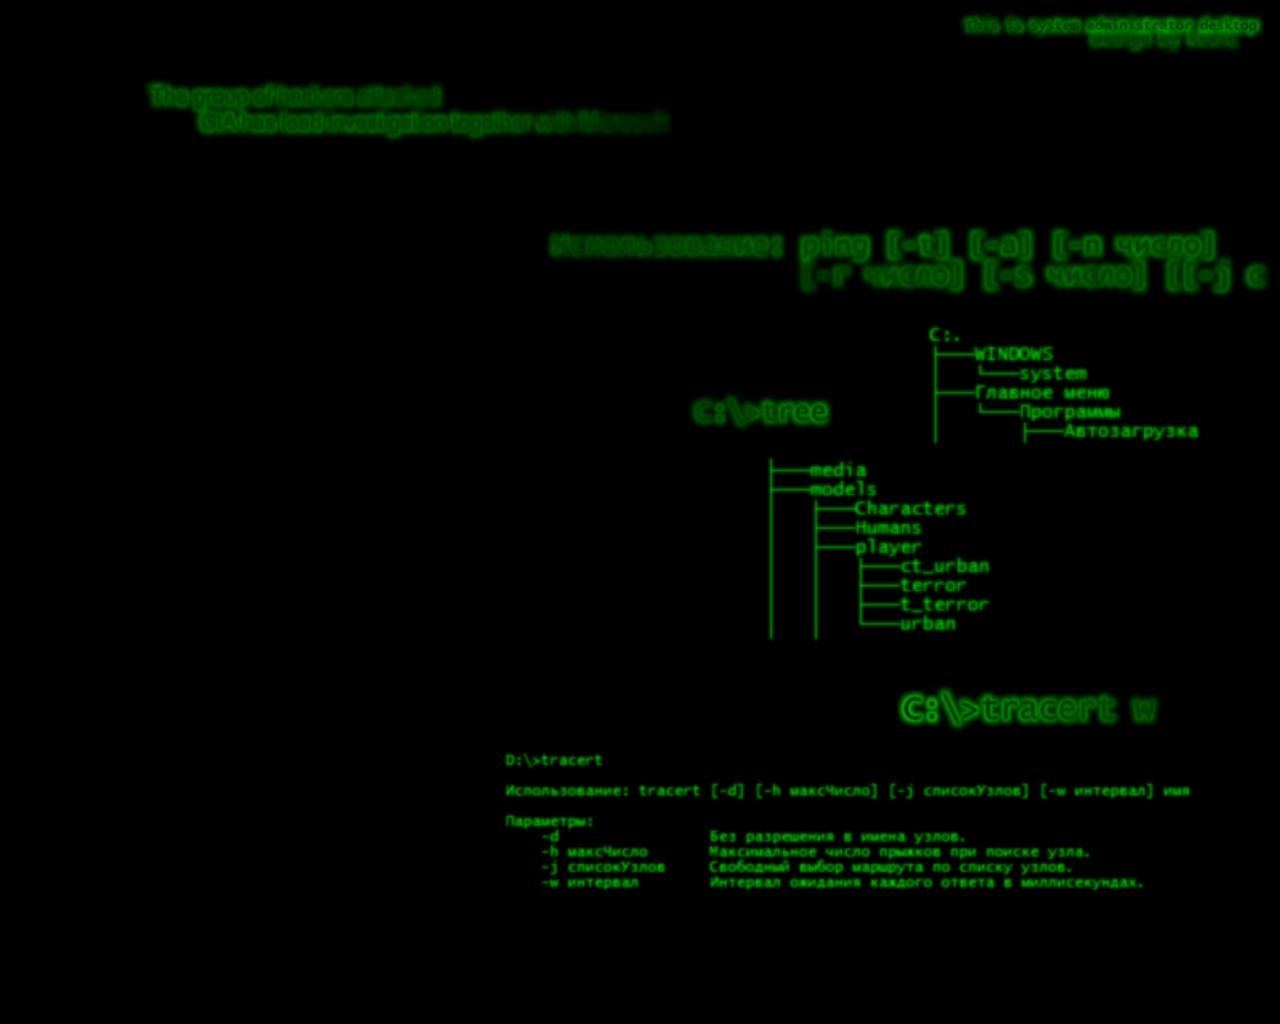 hacker code wallpaper - photo #16